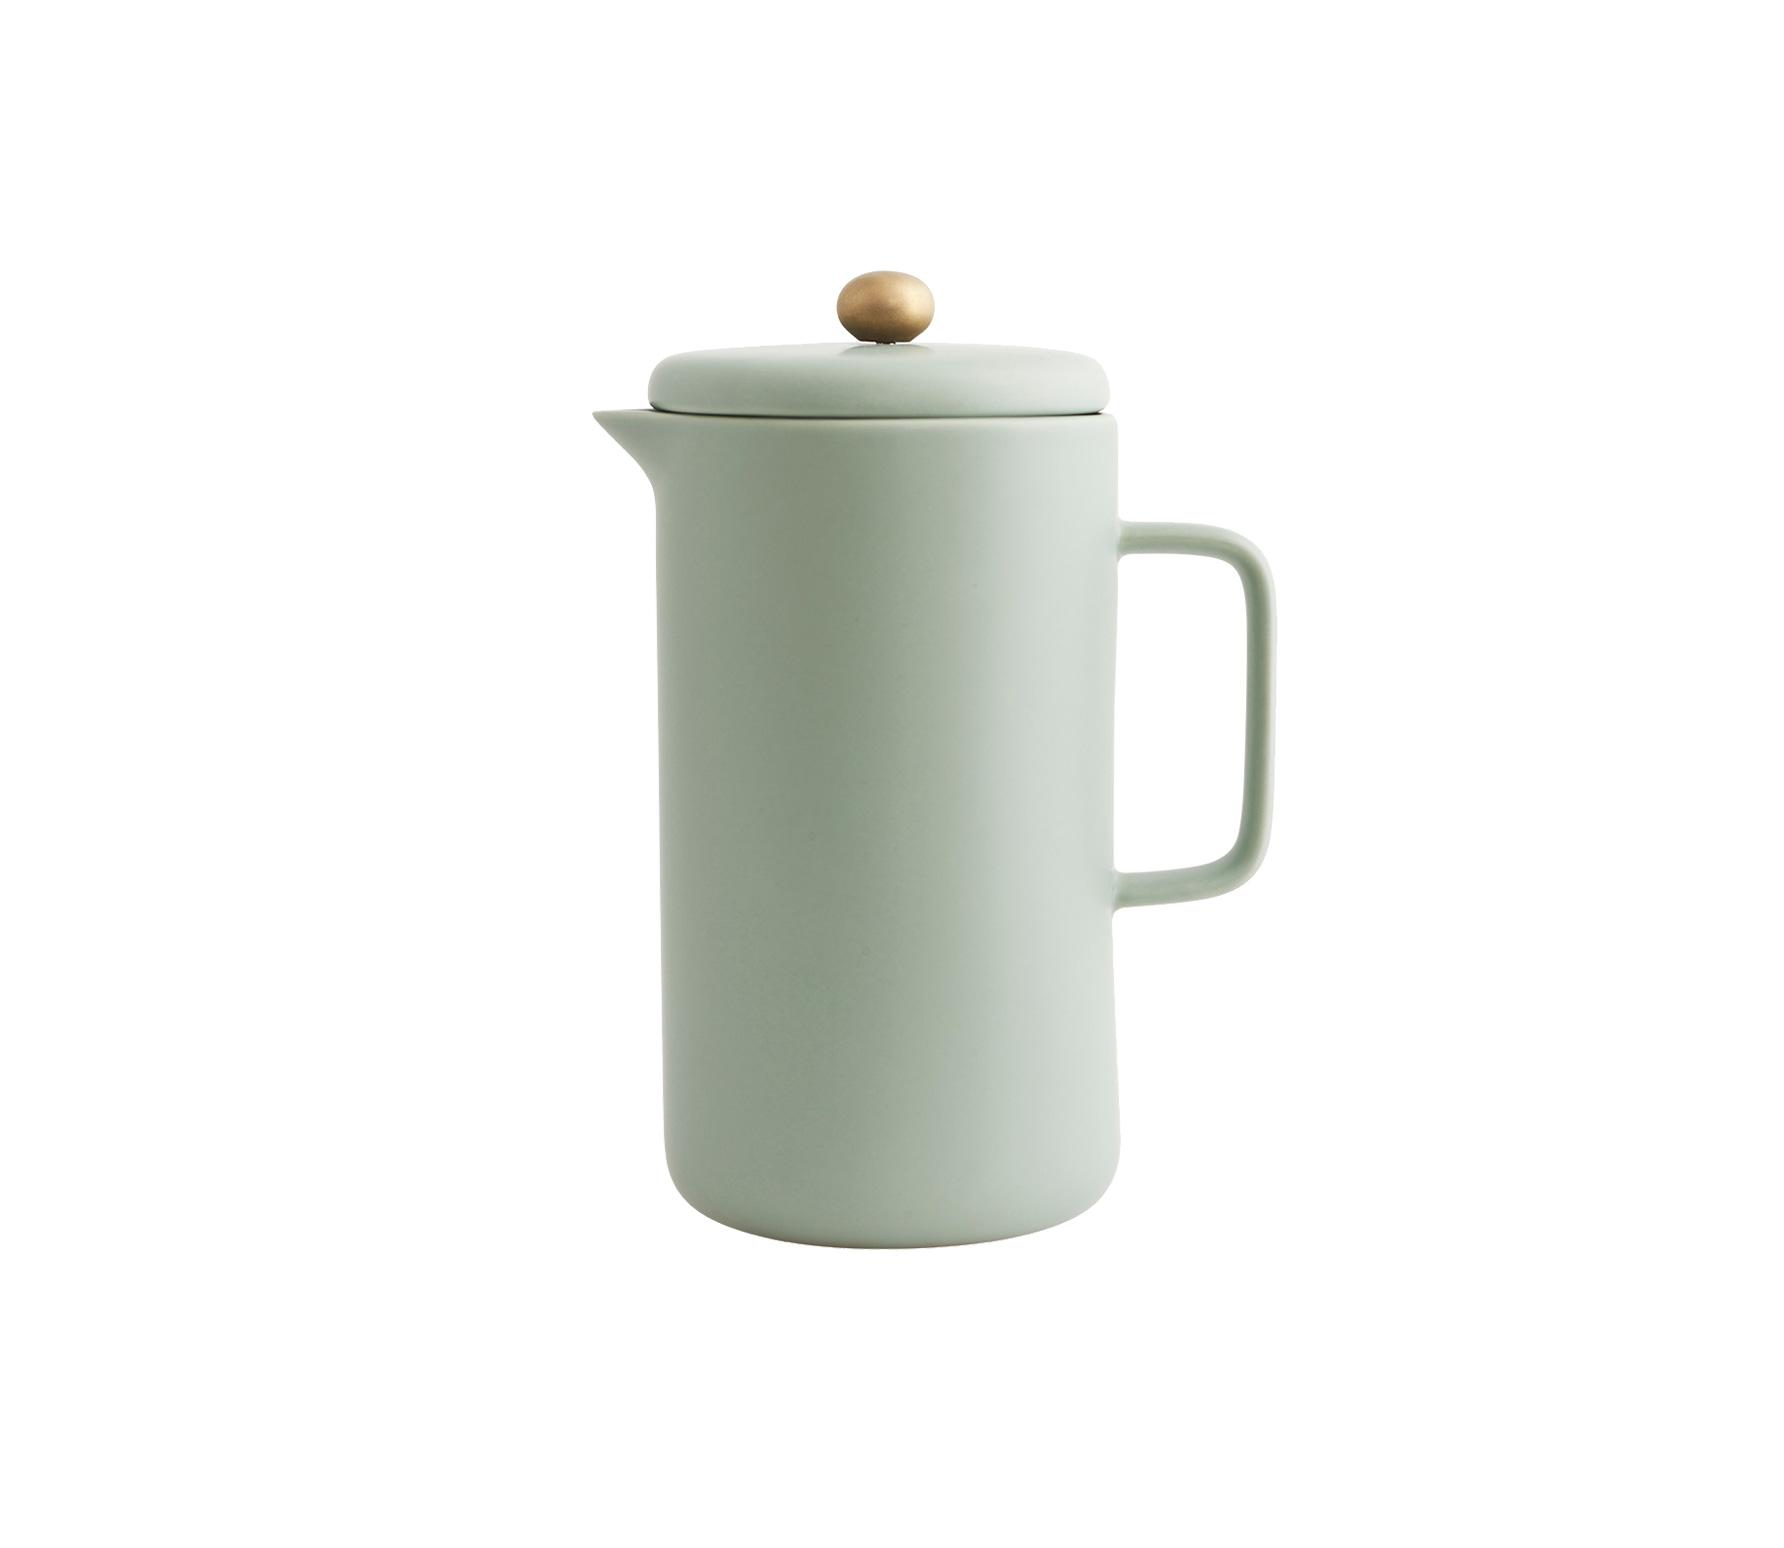 Housedoctor koffiepot porselein grijs-groen vrijstaand